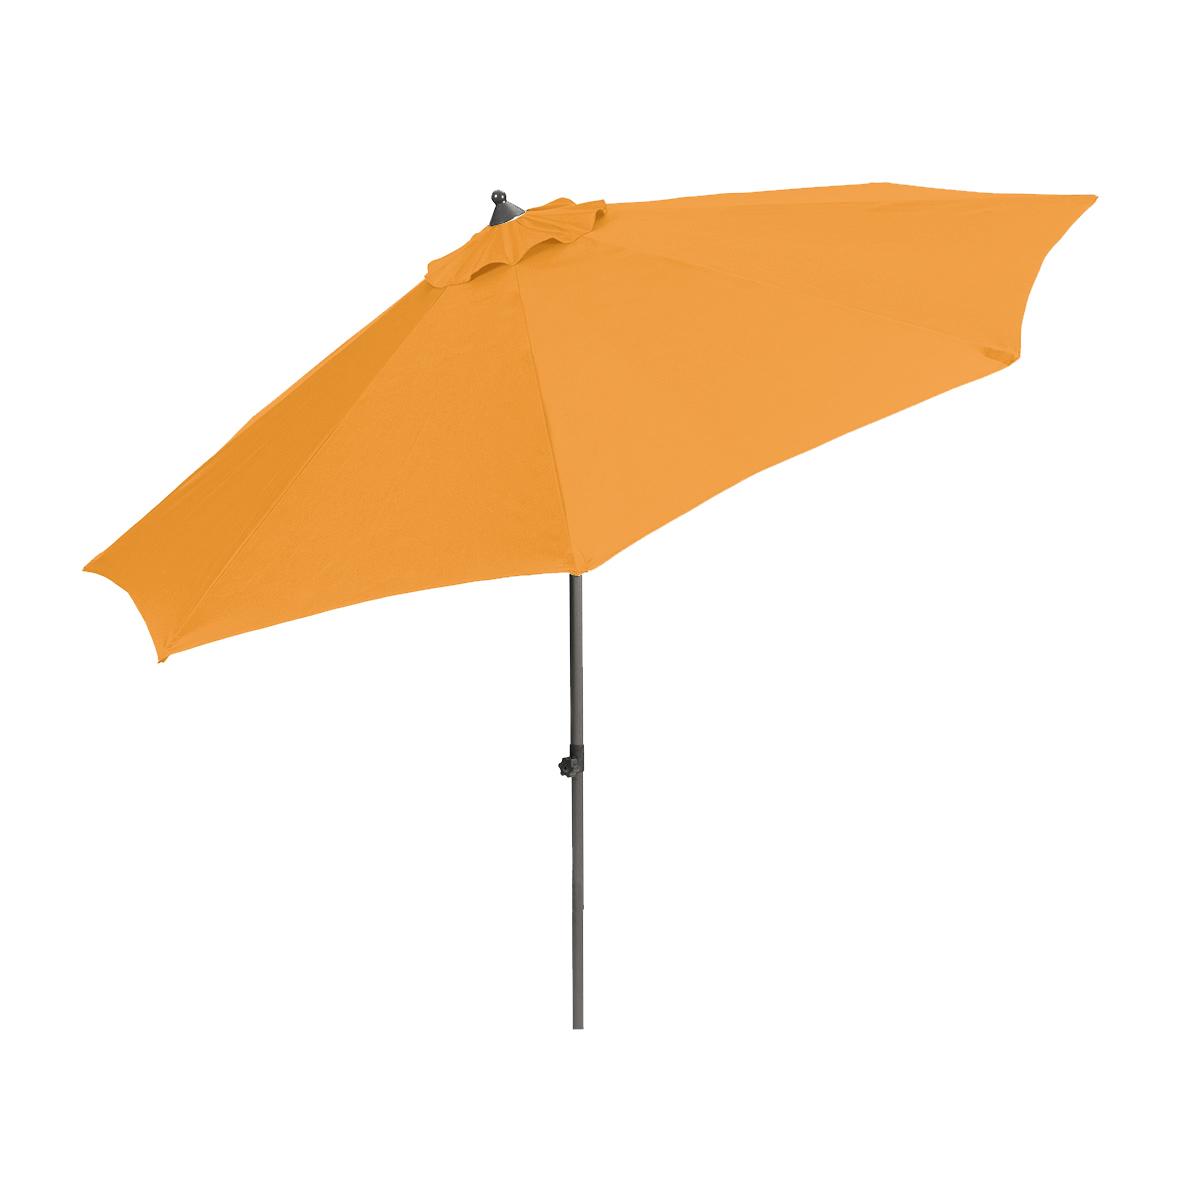 Creador Venice, středový slunečník 2,7 m (oranžový)